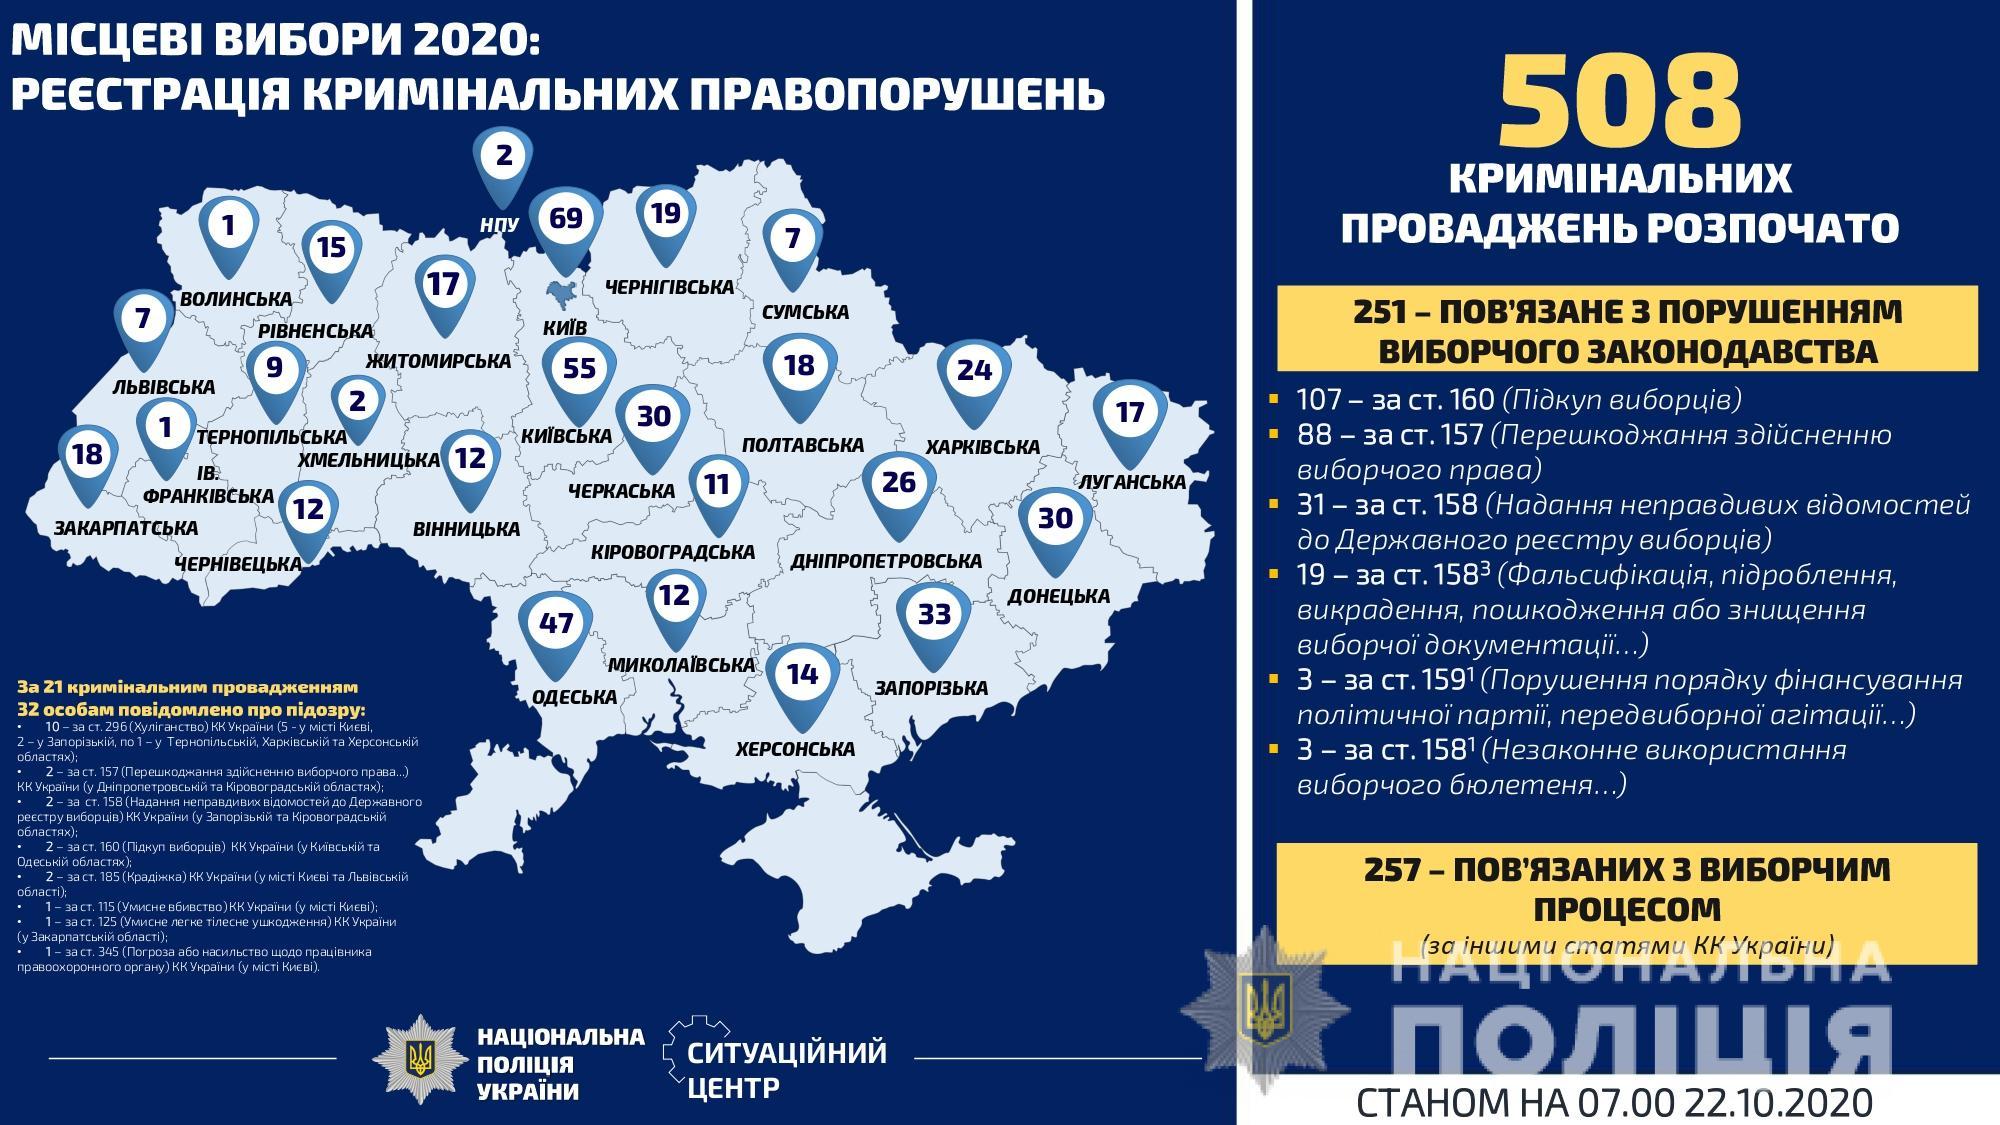 За добу на Київщині – 35 сигналів про порушення виборчого законодавства - місцеві вибори 2020, вибори - Politsiya VYB1